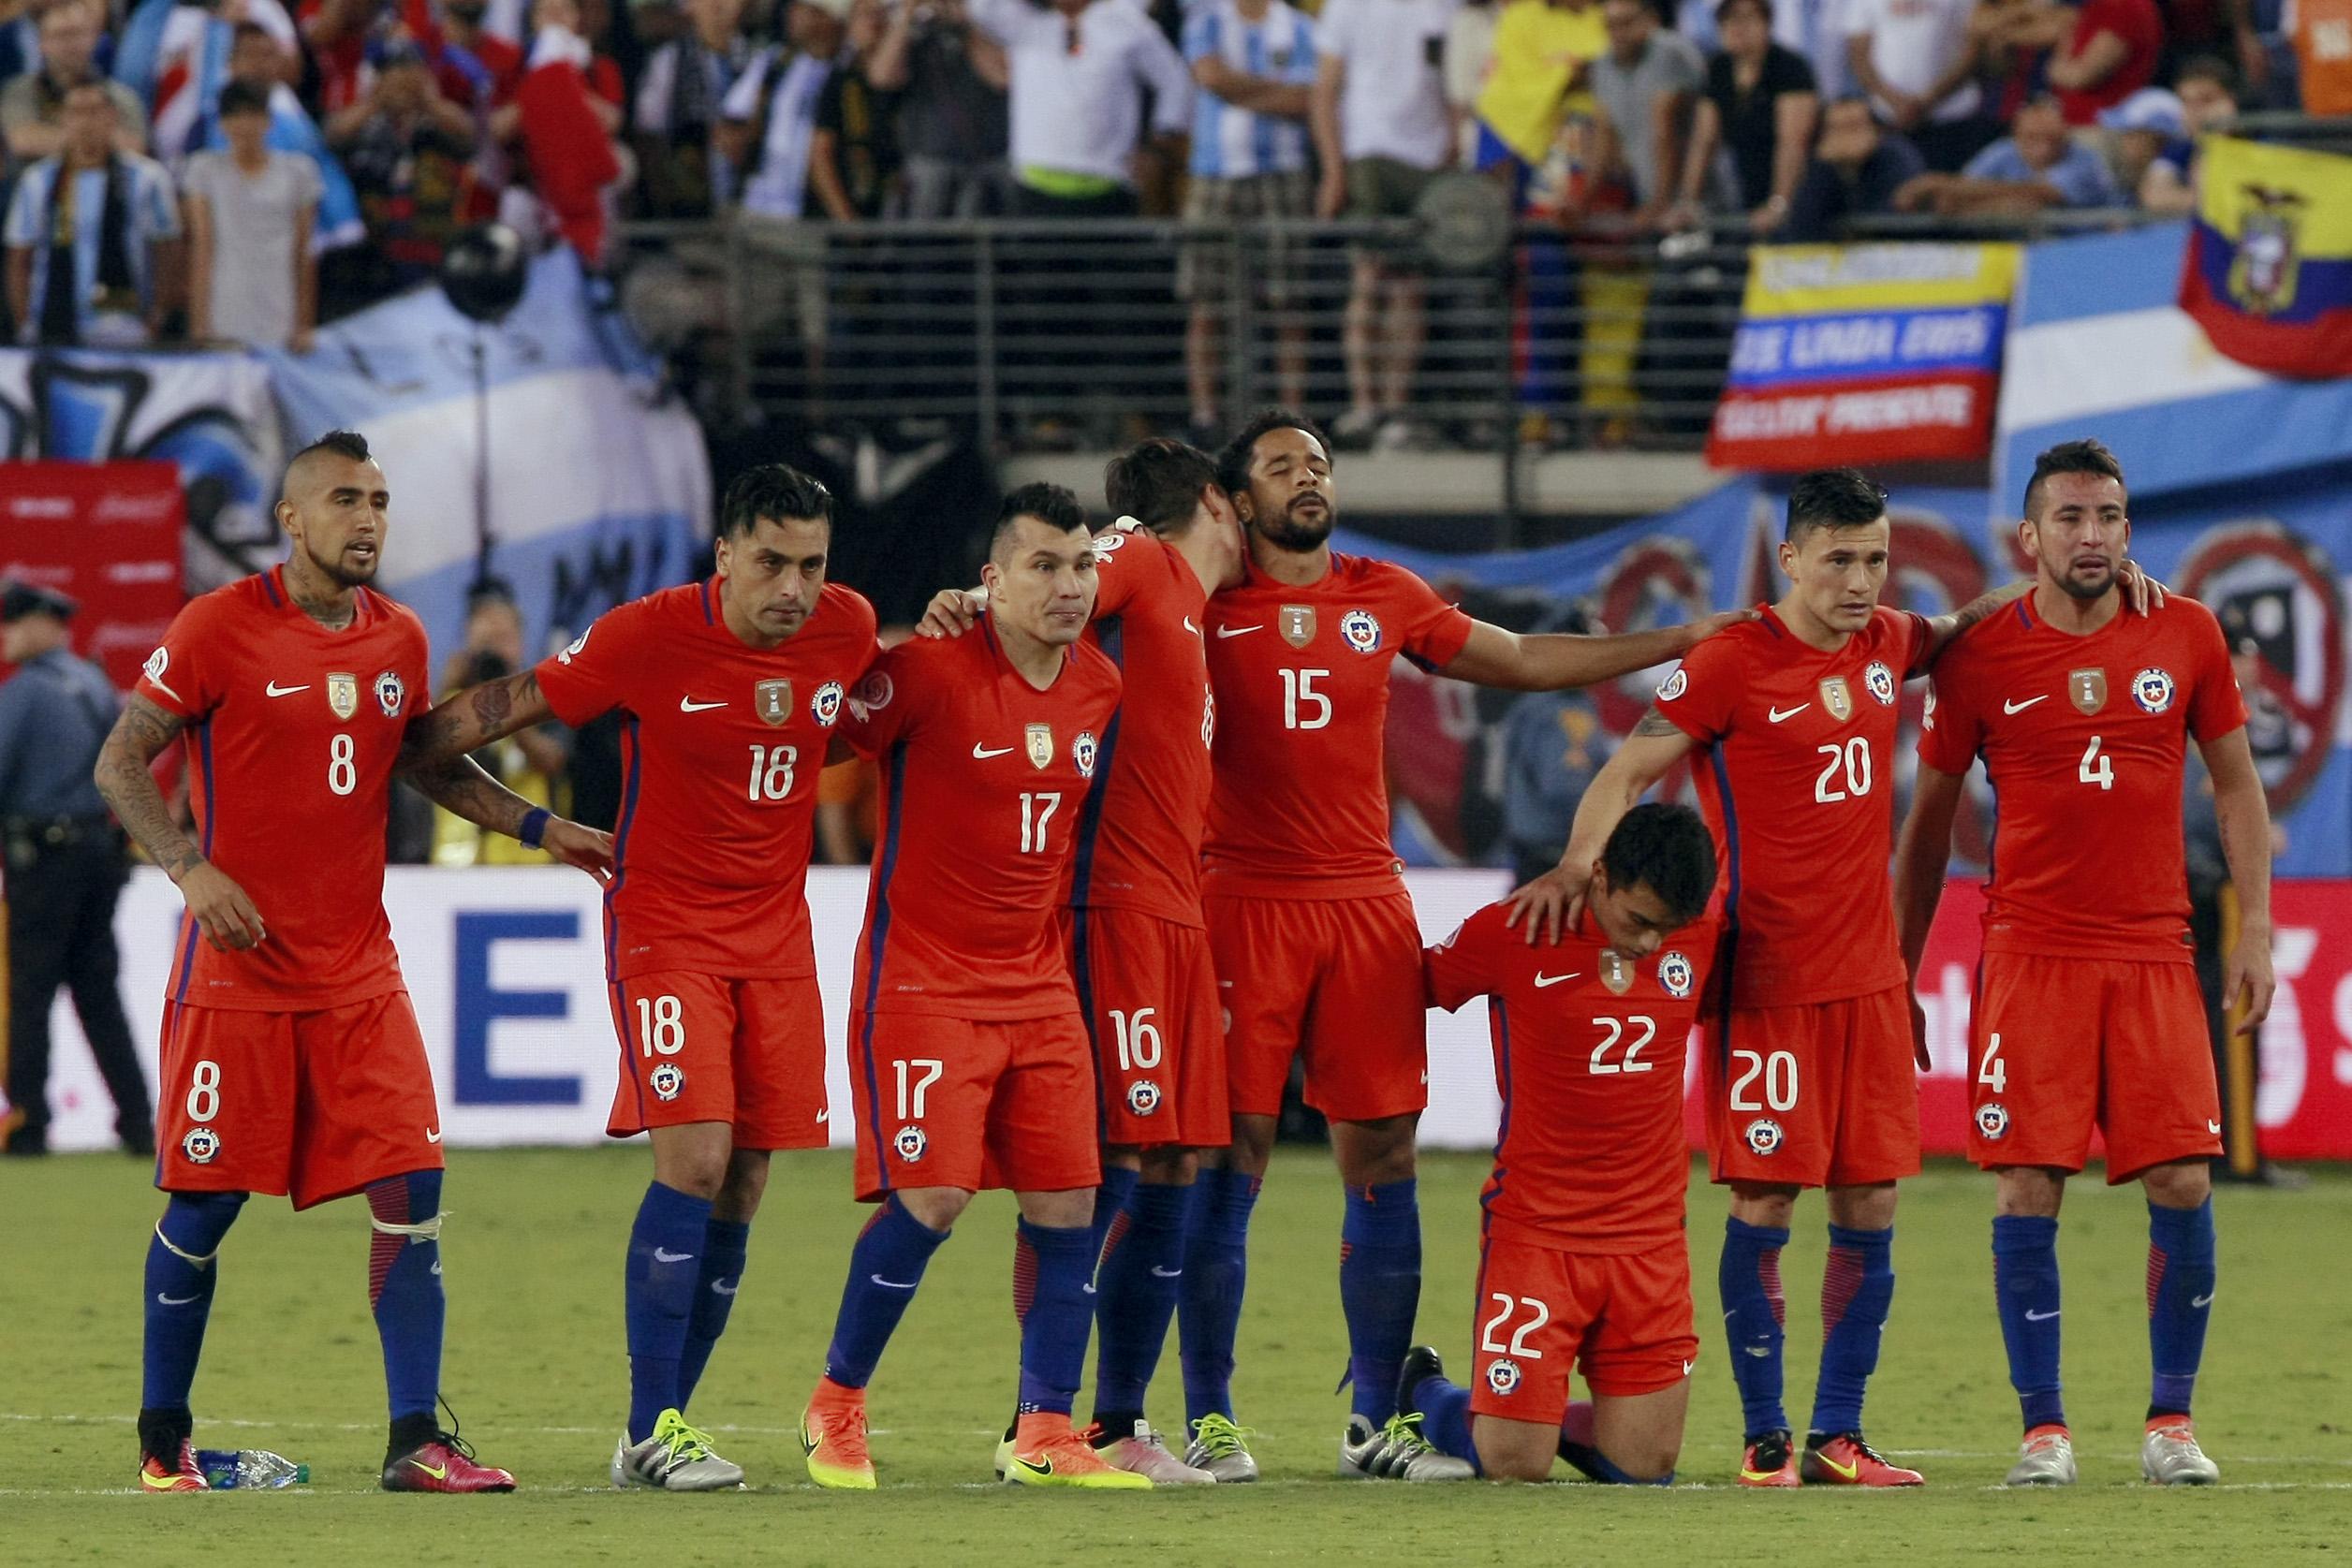 El impecable registro en penales de Chile tras Mundial de Brasil 2014